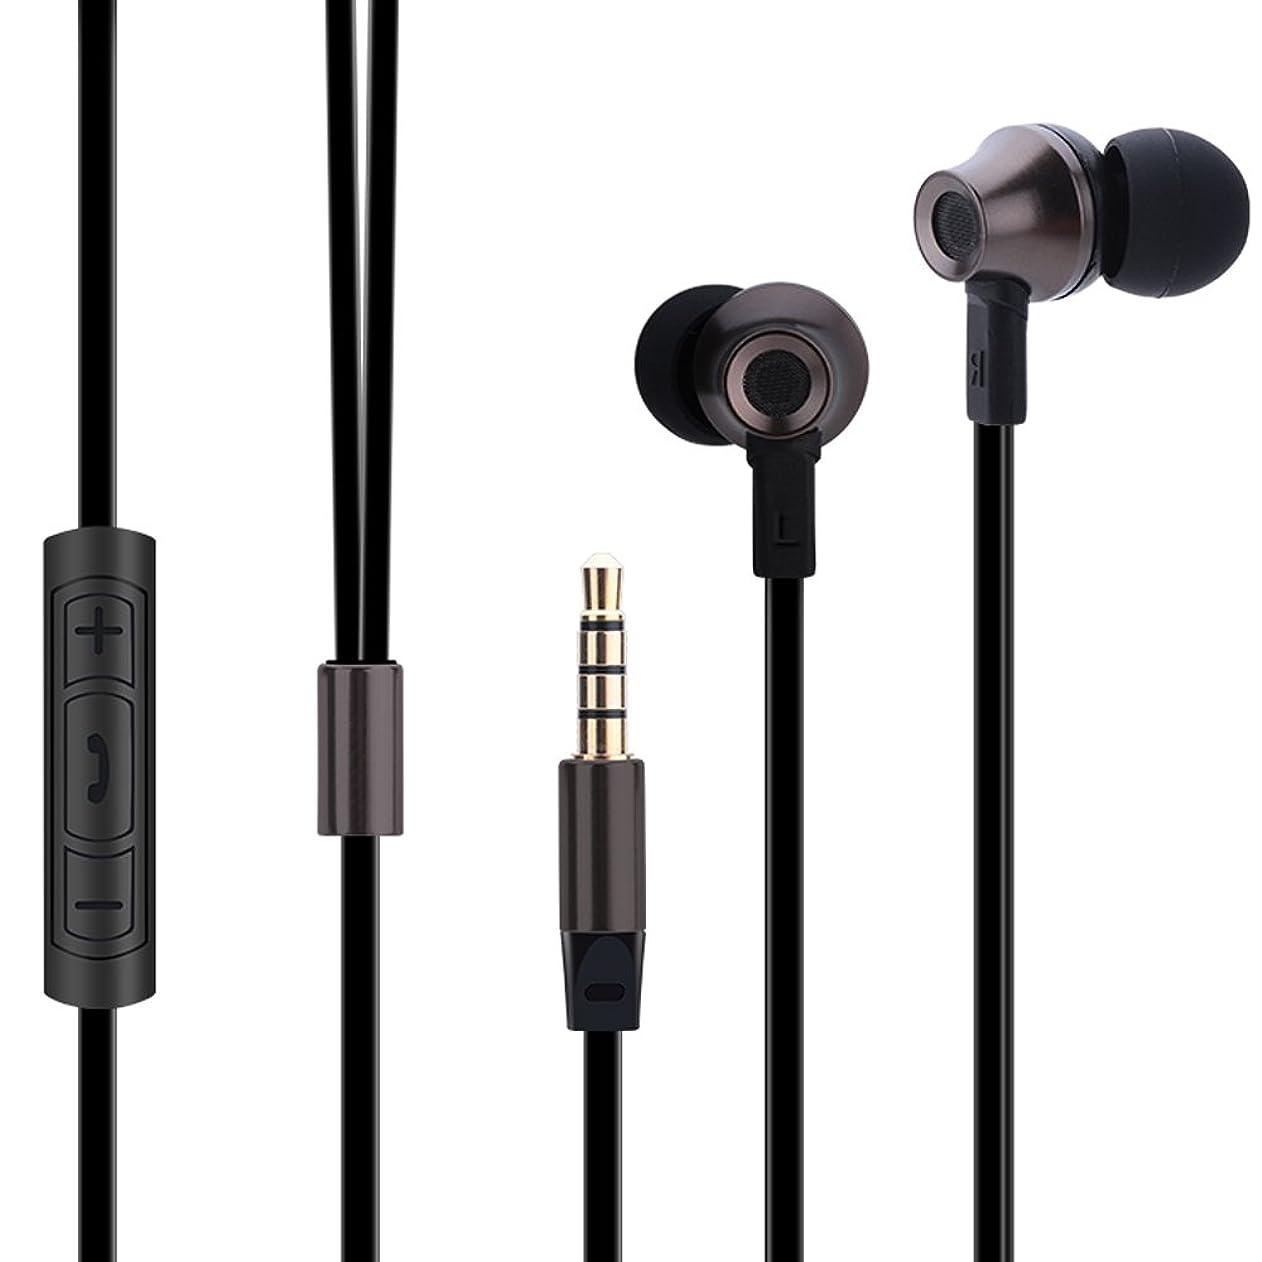 アクロバット駐地コントローラAIKAQI カナル 密閉型 イヤホン 高音質 重低音 ステレオインサイドホン ボリュームコントロール可能 内蔵マイク搭載 フラットケーブル インナーイヤー型 ヘッドホン iPhone対応 ES700 (グレー)